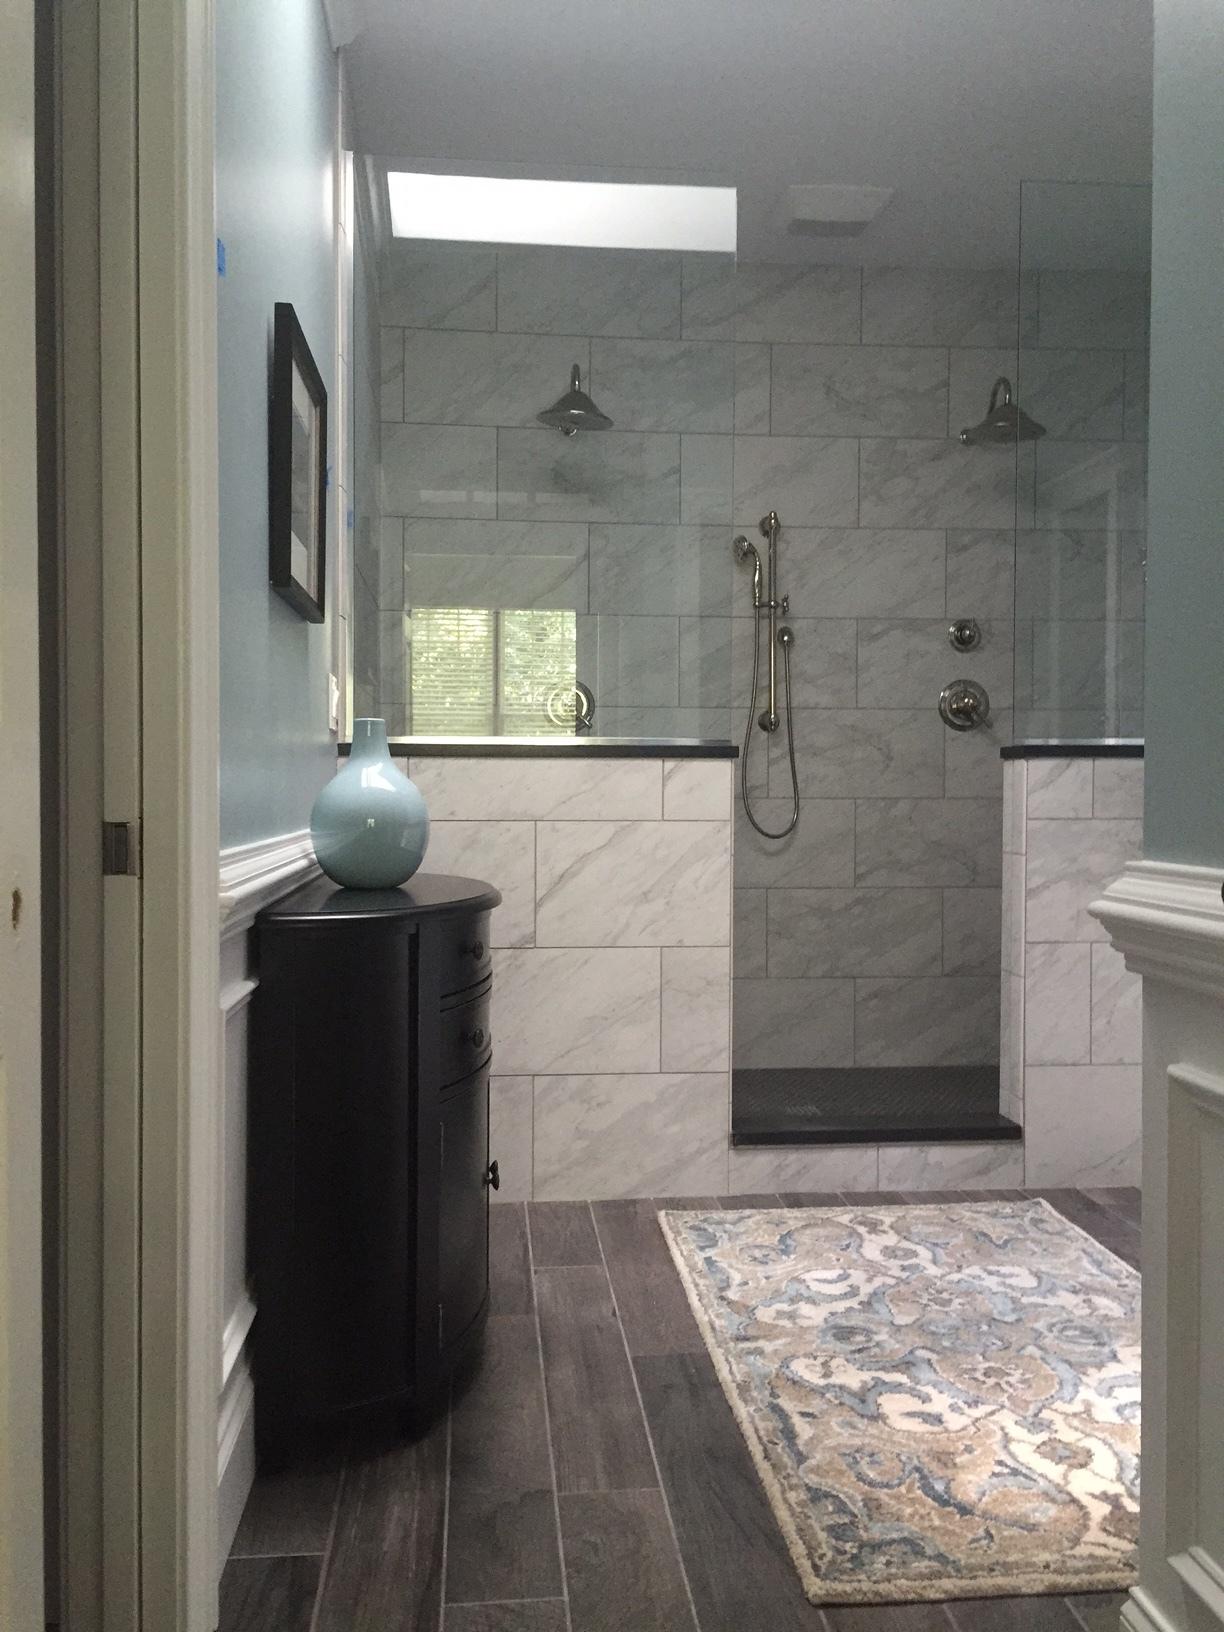 Custom Bathroom Remodel with Shaker Style Inset Doors, Medicine Cabinets, Granite Countertop, Double Shower (Floor & Shower Tiled), Pocket Door & Panel Detail (4 of 4)